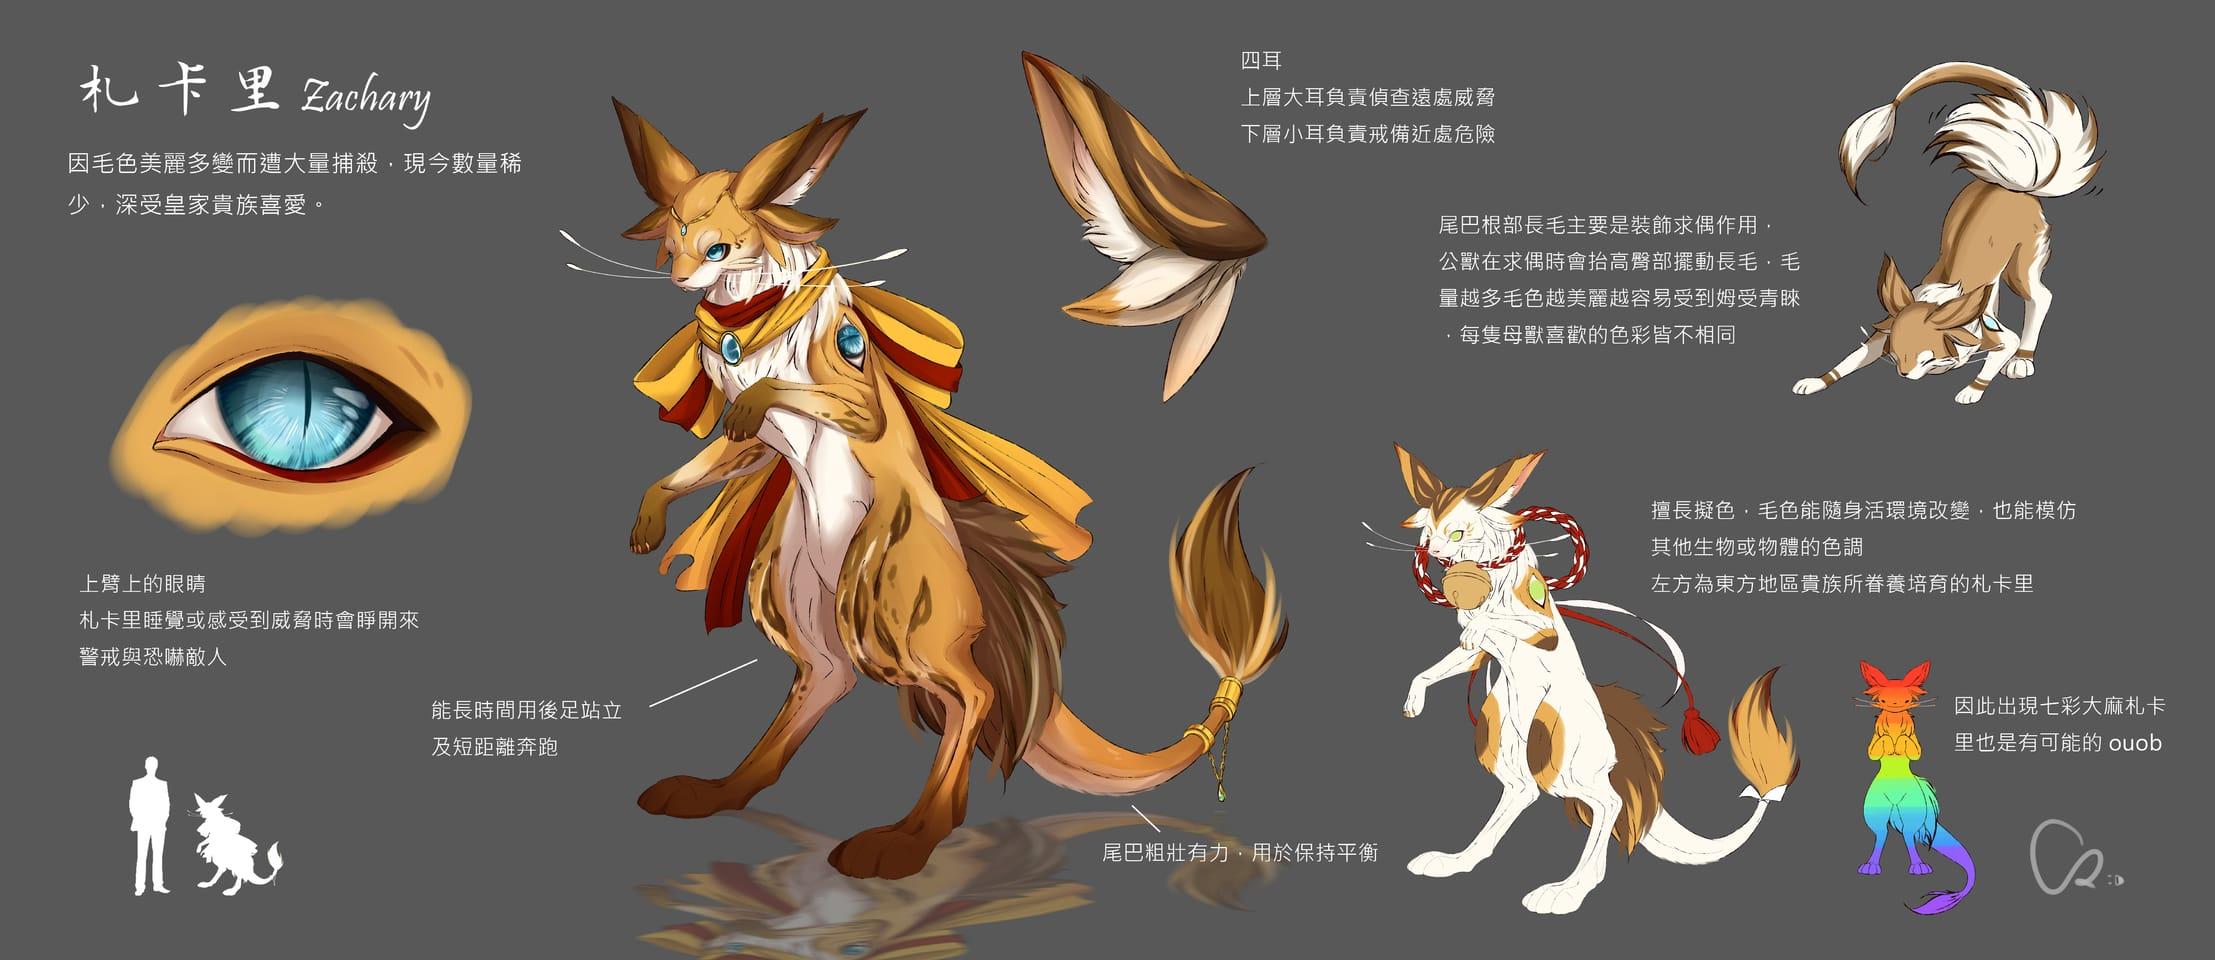 札卡里 Illust of INU March2021_Creature February2021_Fantasy furry